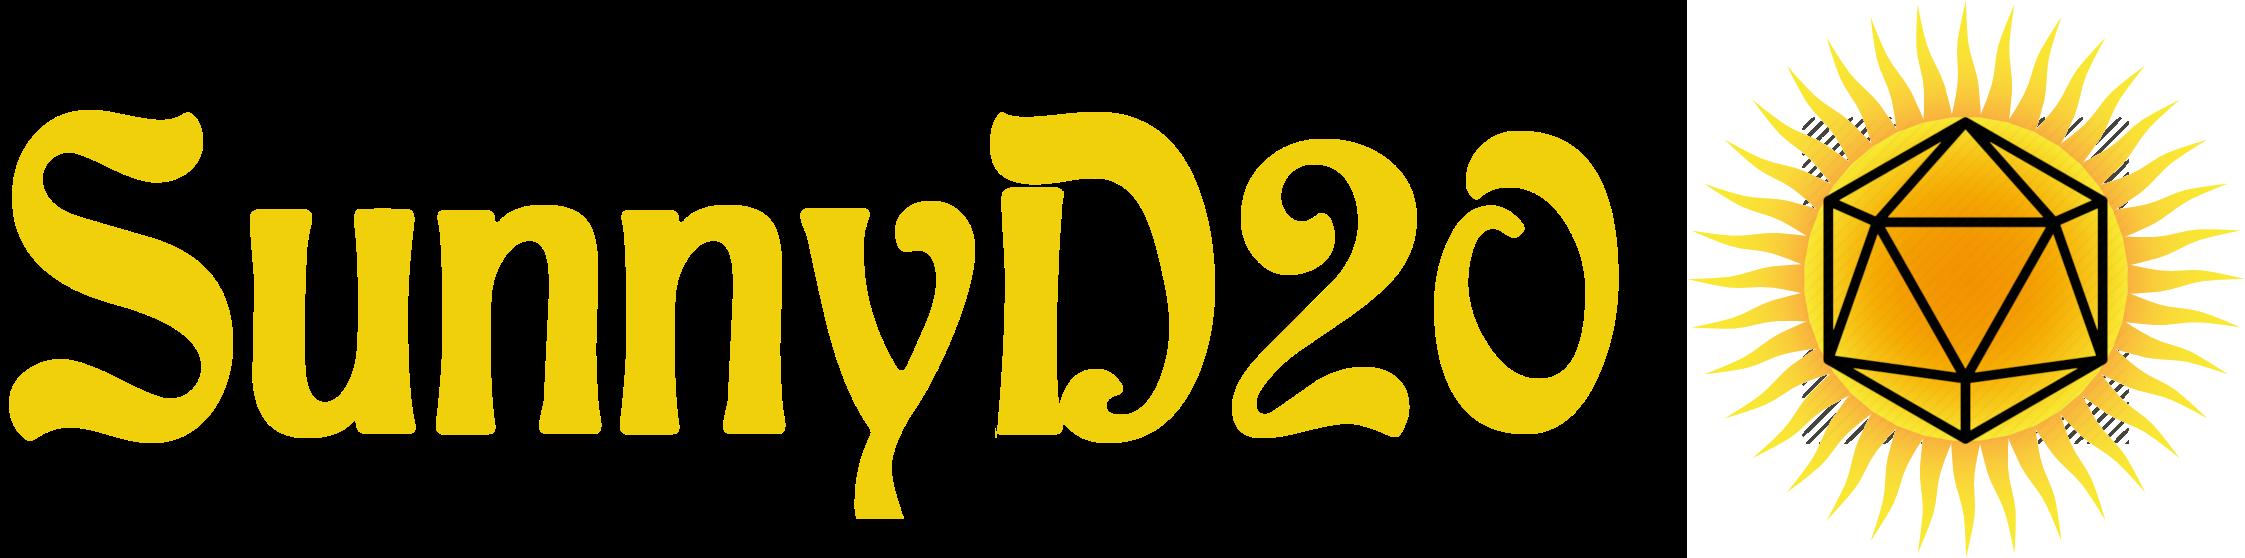 SunnyD20